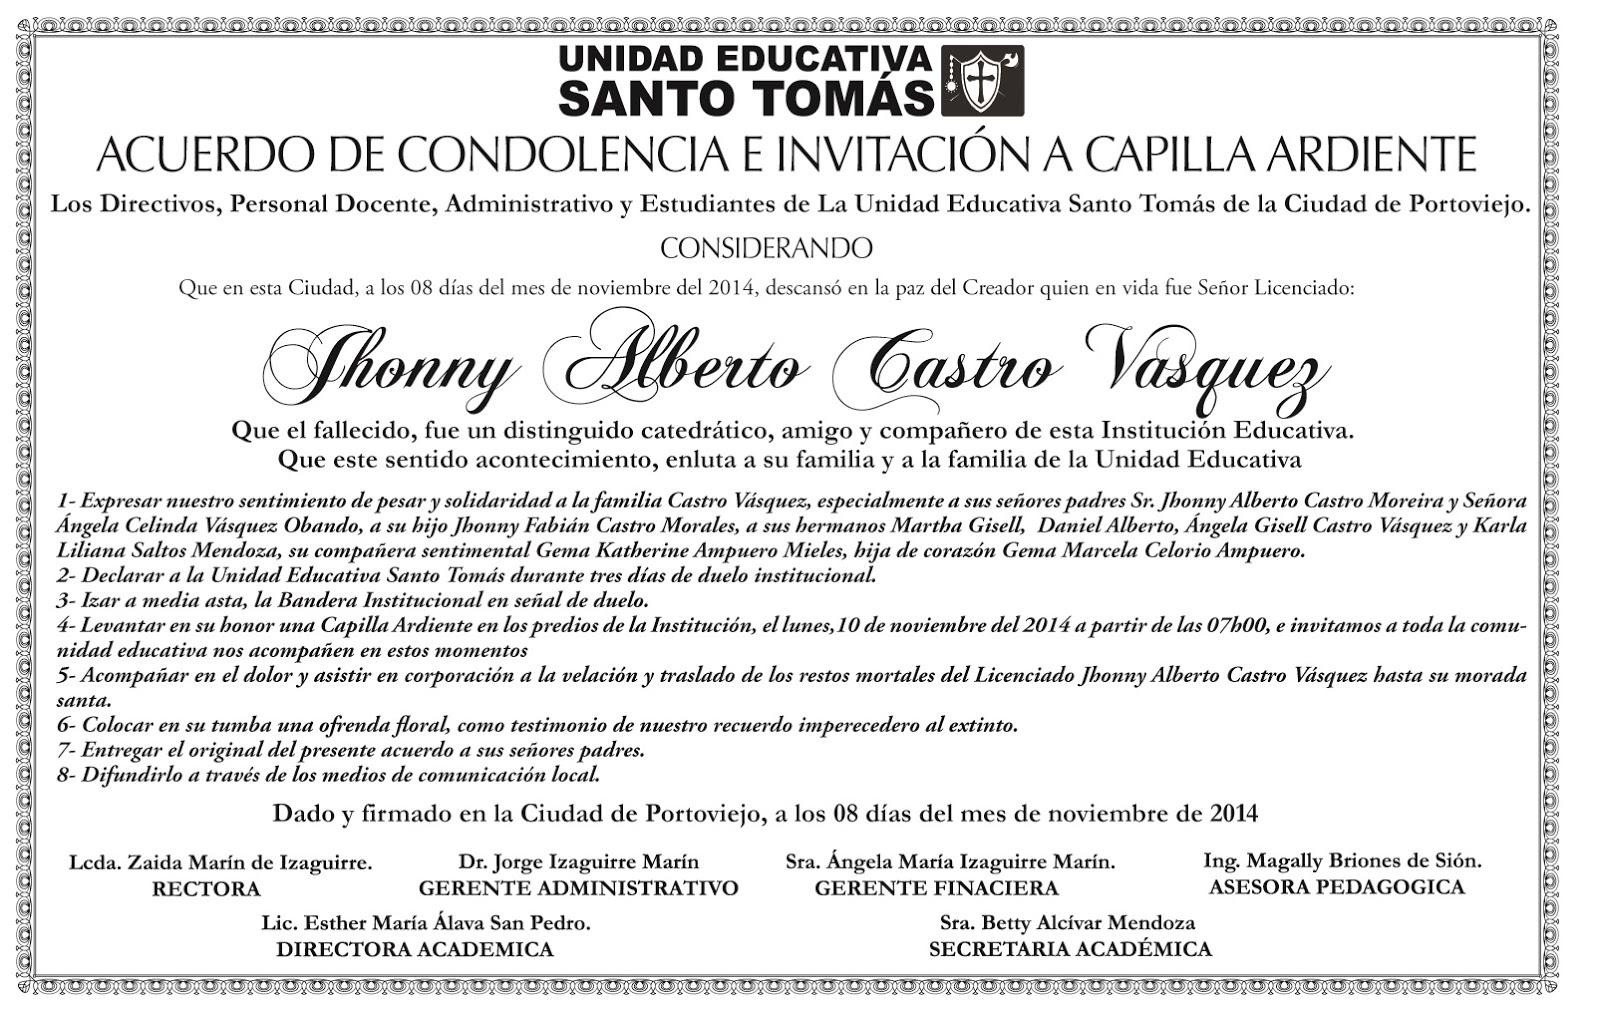 ACUERDO DE CONDOLENCIA   Unidad Educativa Santo Tomás-UEST